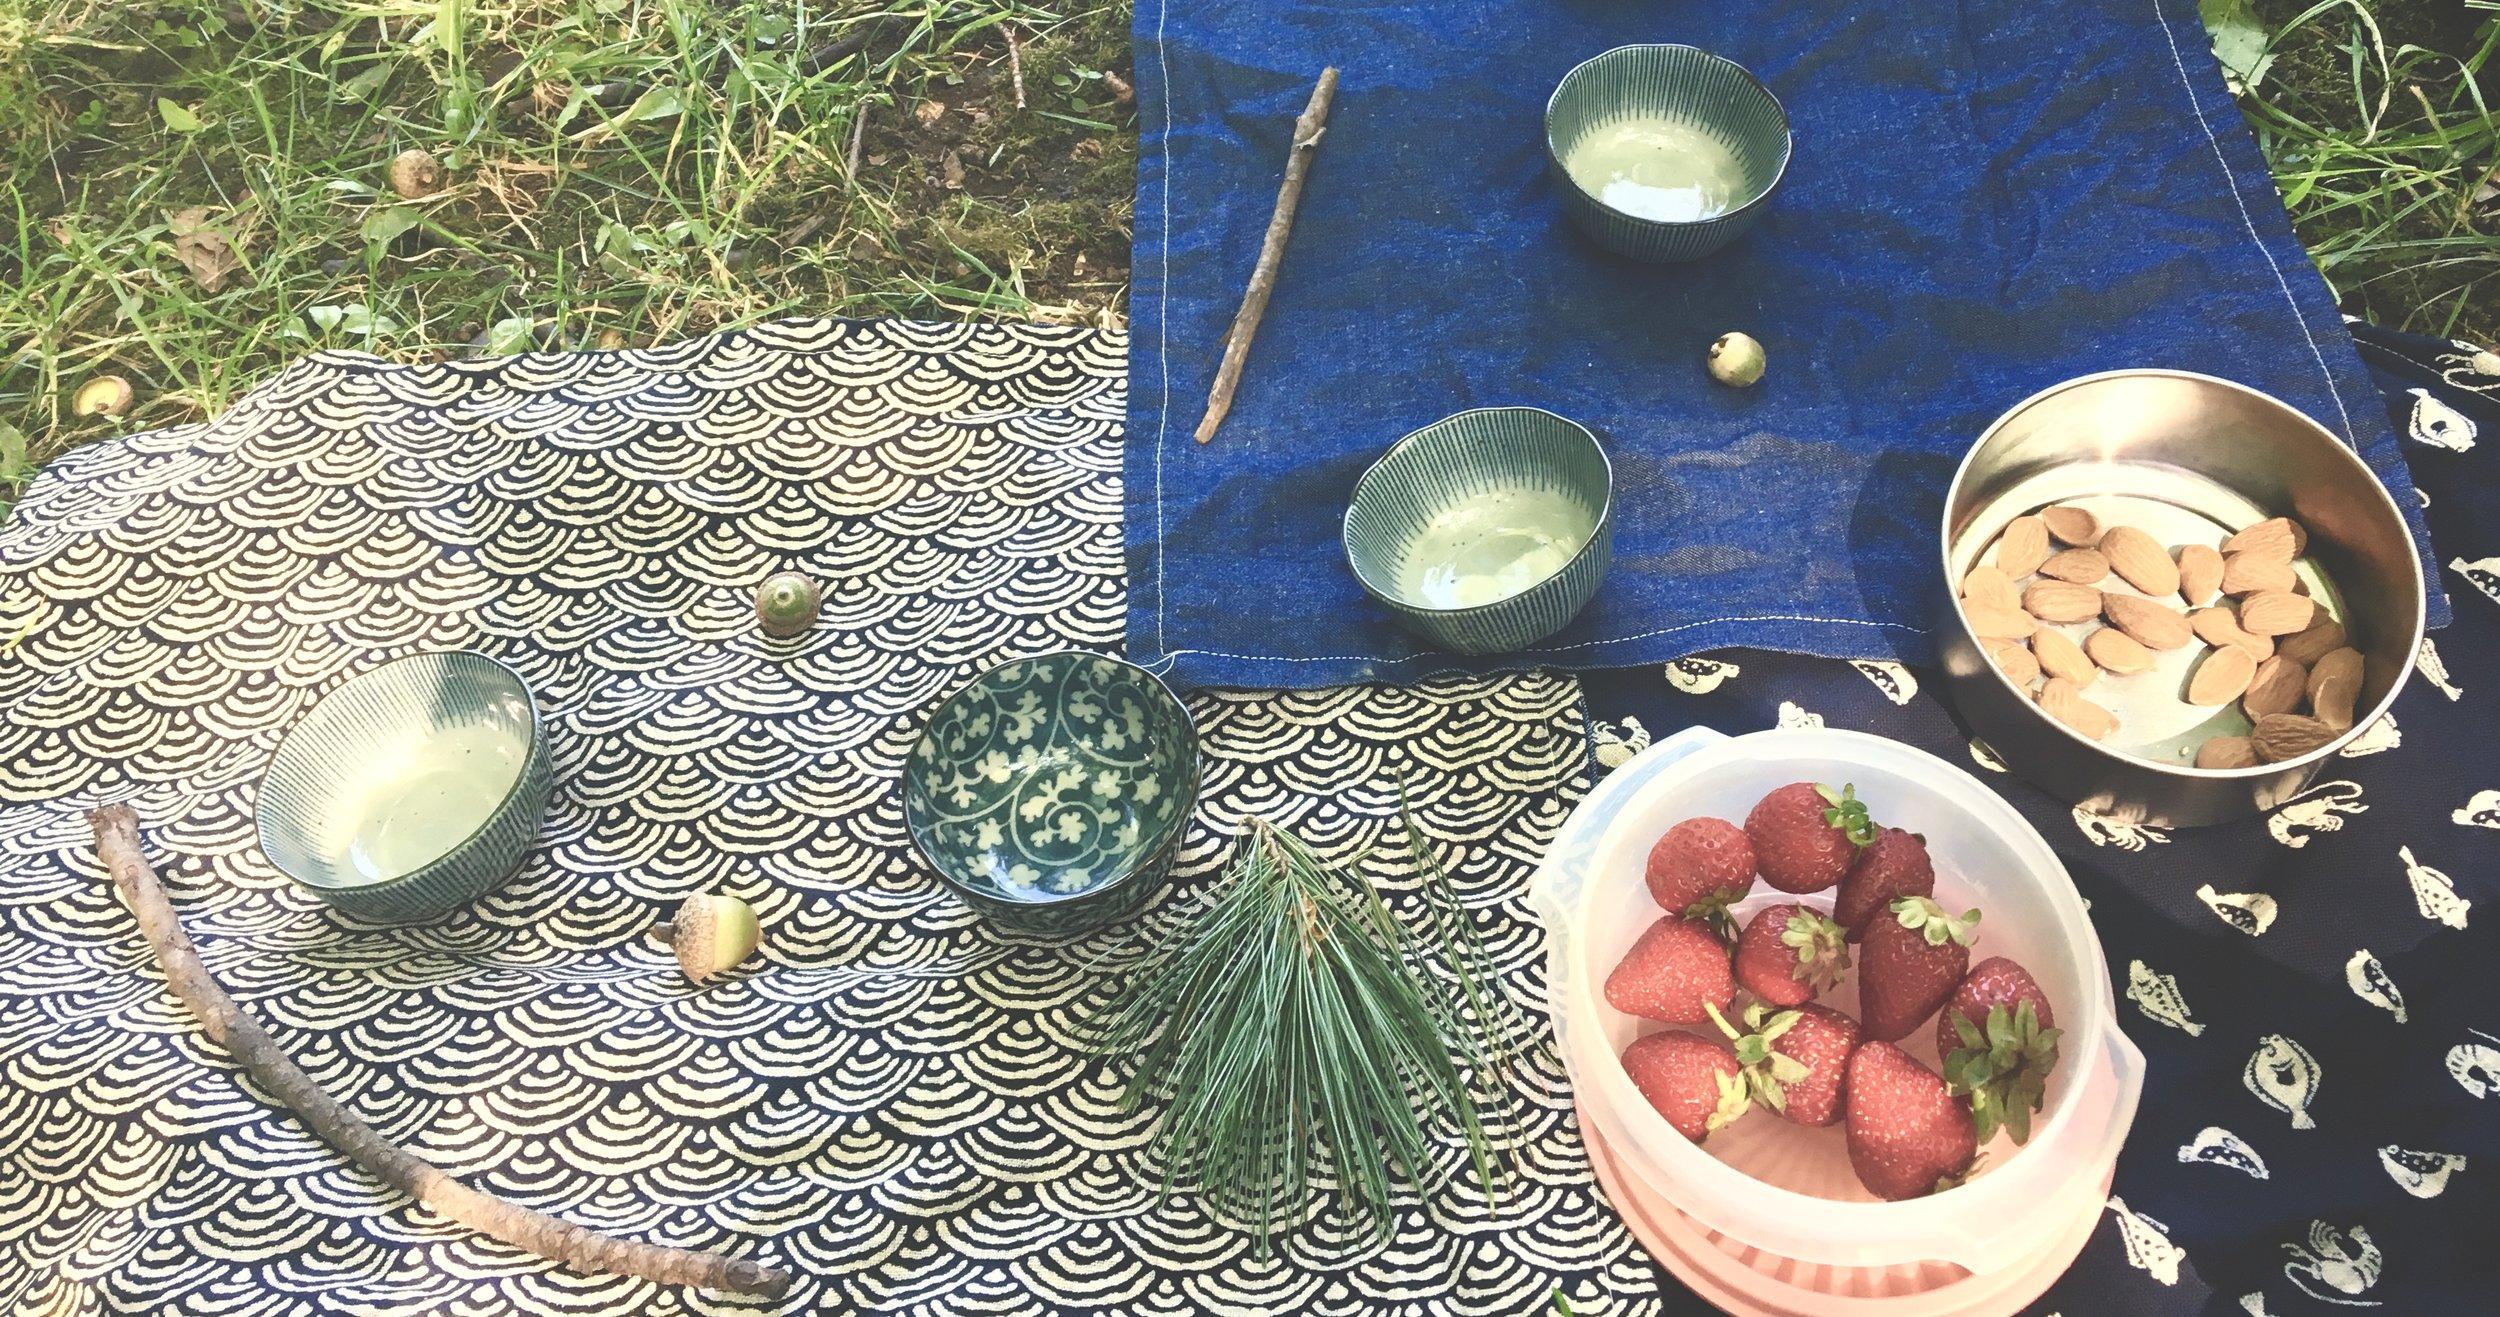 On sert le thé dans de petites coupes posées sur de jolis napperons. Des collations légères nous redonnent l'énergie nécessaire et nos quelques souvenirs de la marche sont exposés comme une collection de trouvailles.